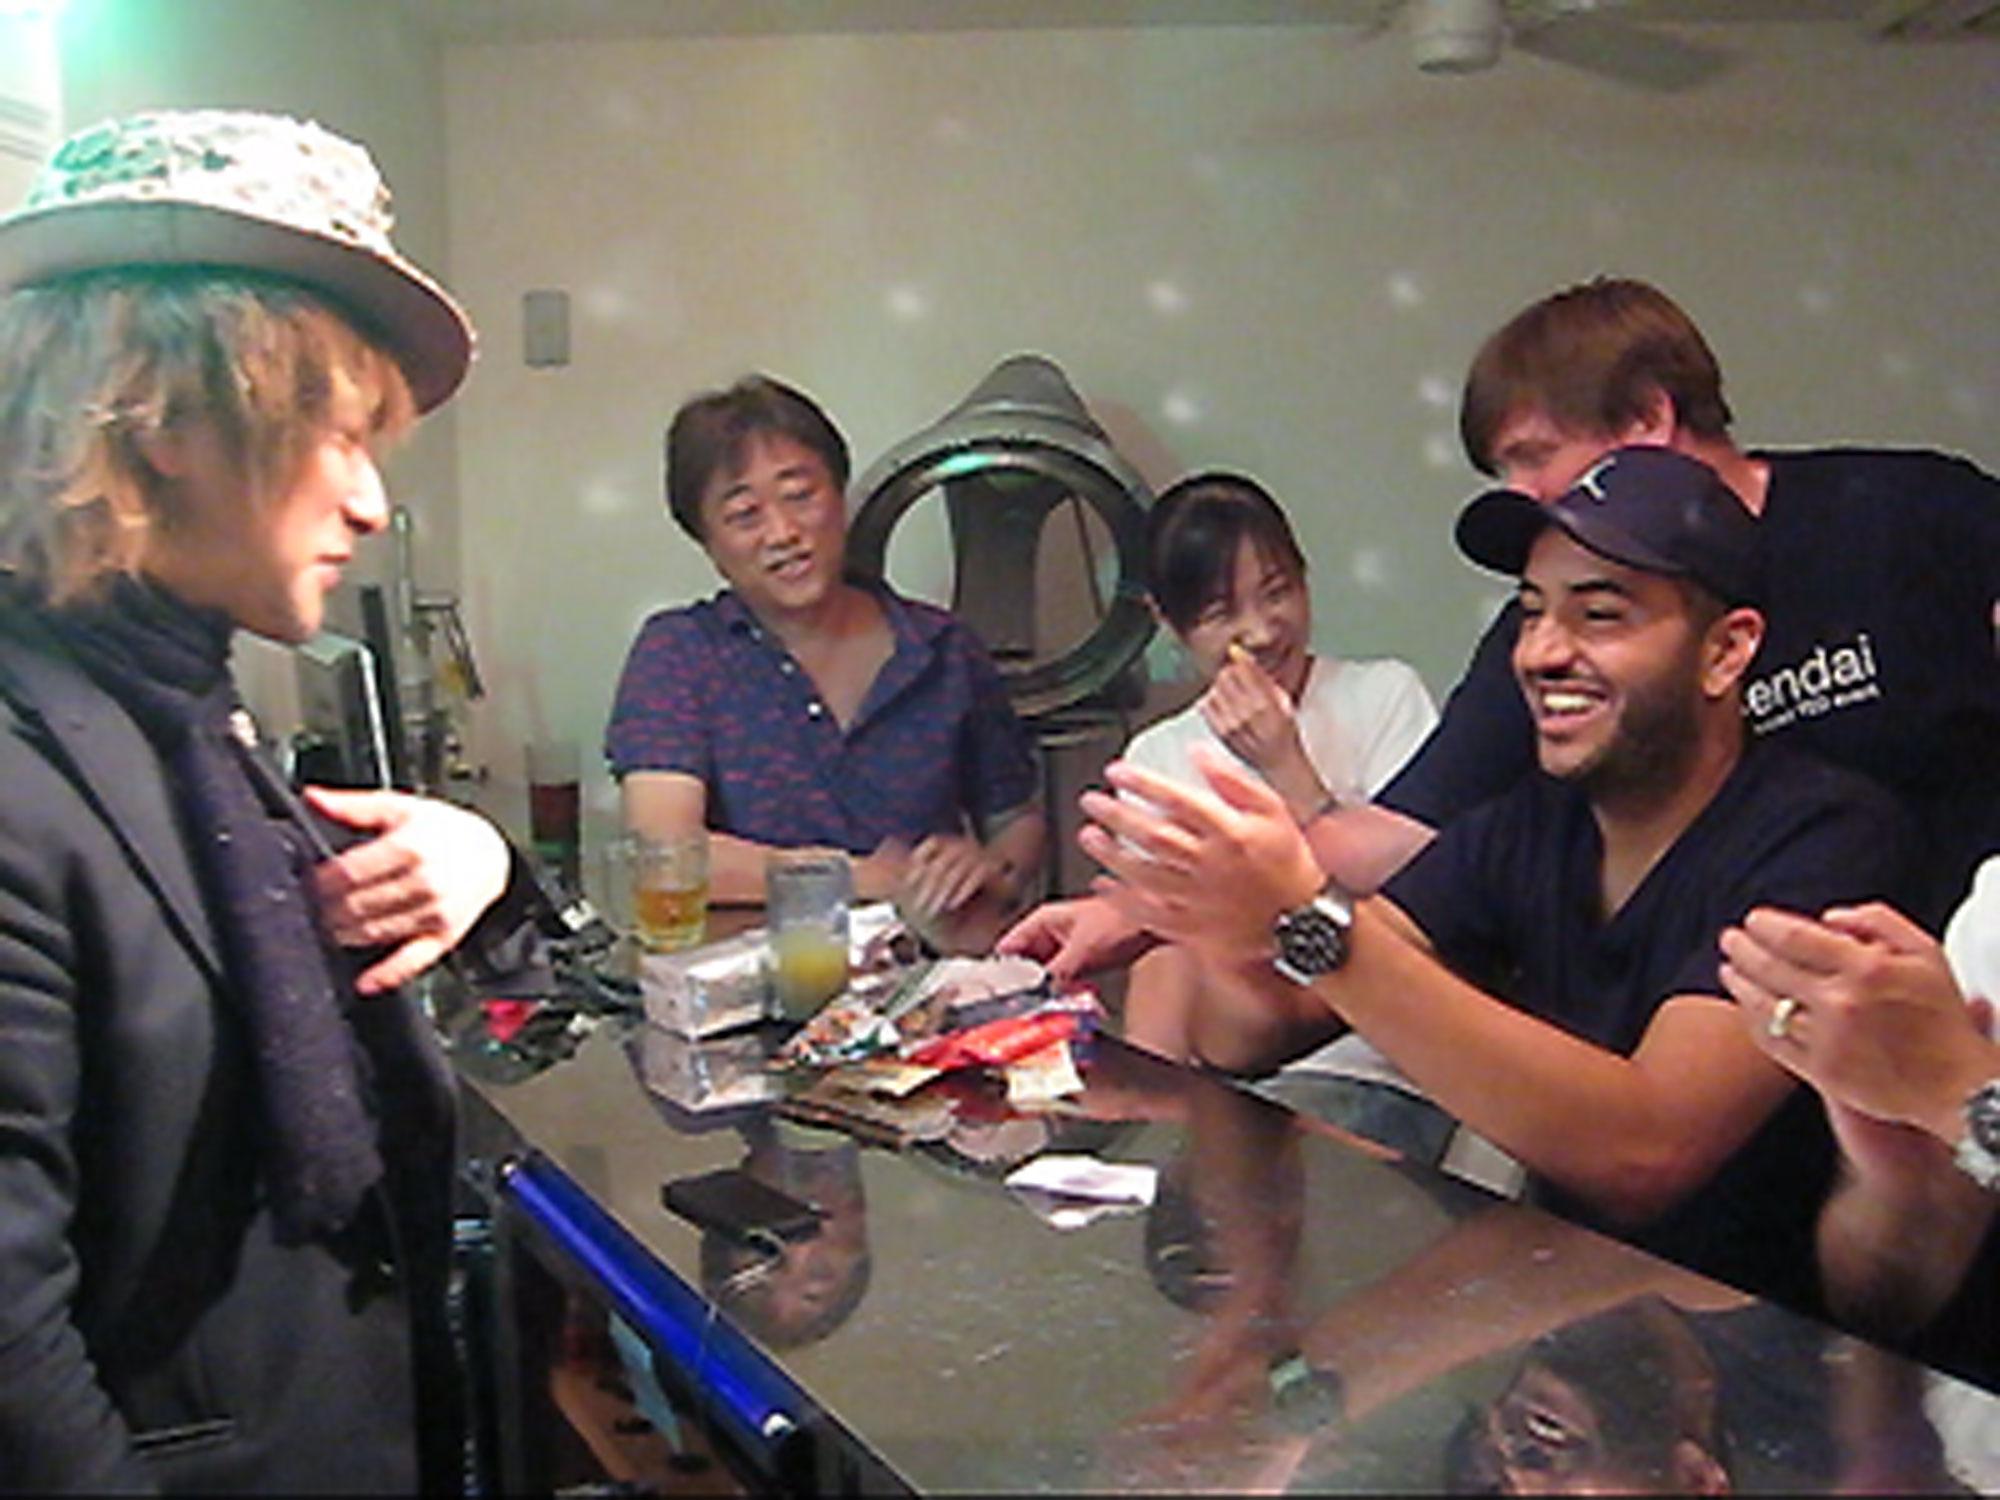 「櫻井有吉アブナイ夜会」に髪形屋Nachiが出演致しました!_d0041957_19591461.jpg